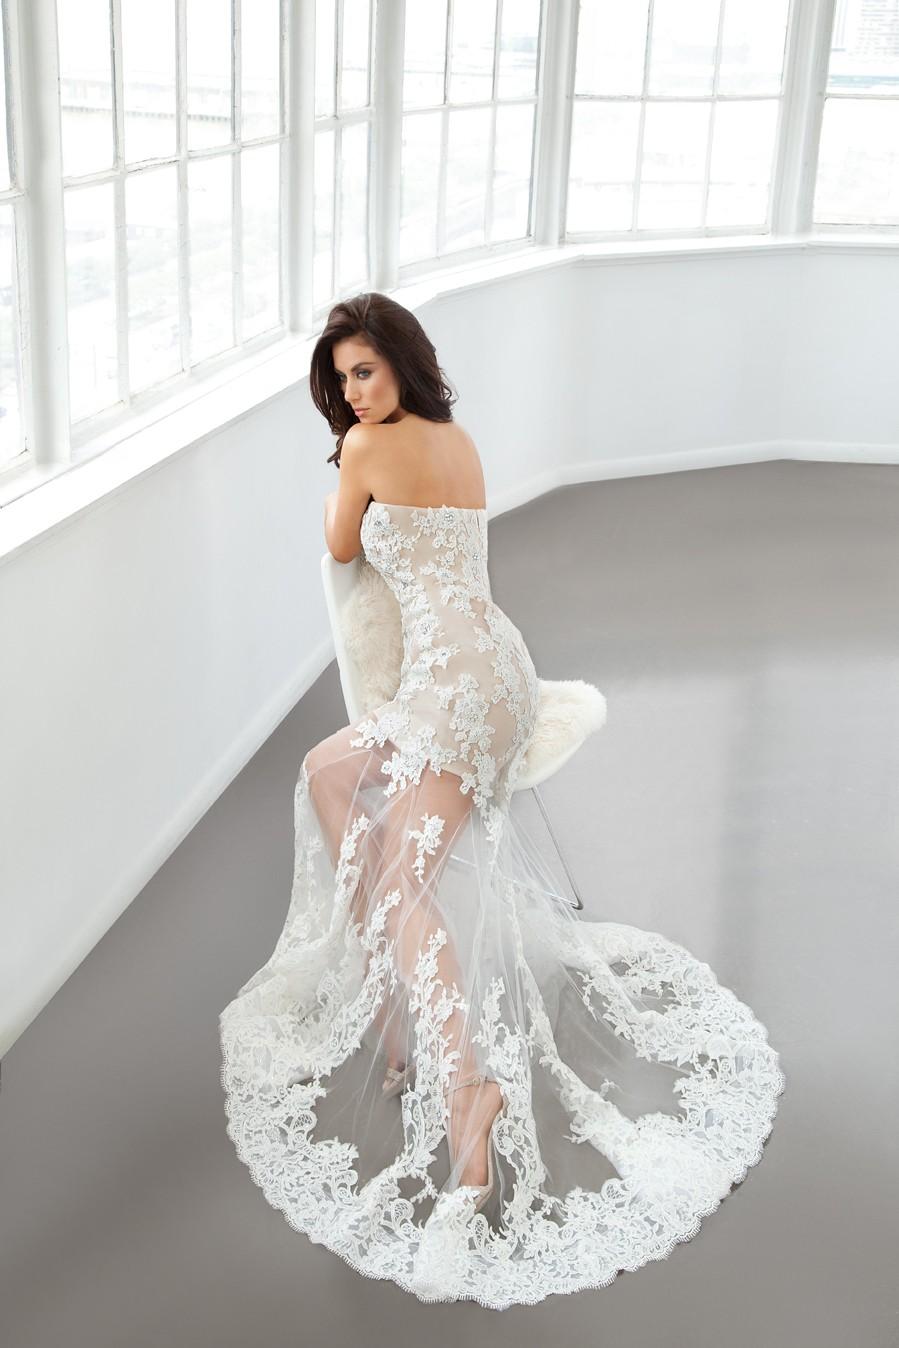 Brautkleider abendkleider abiballkleider mabschneider silke scholz